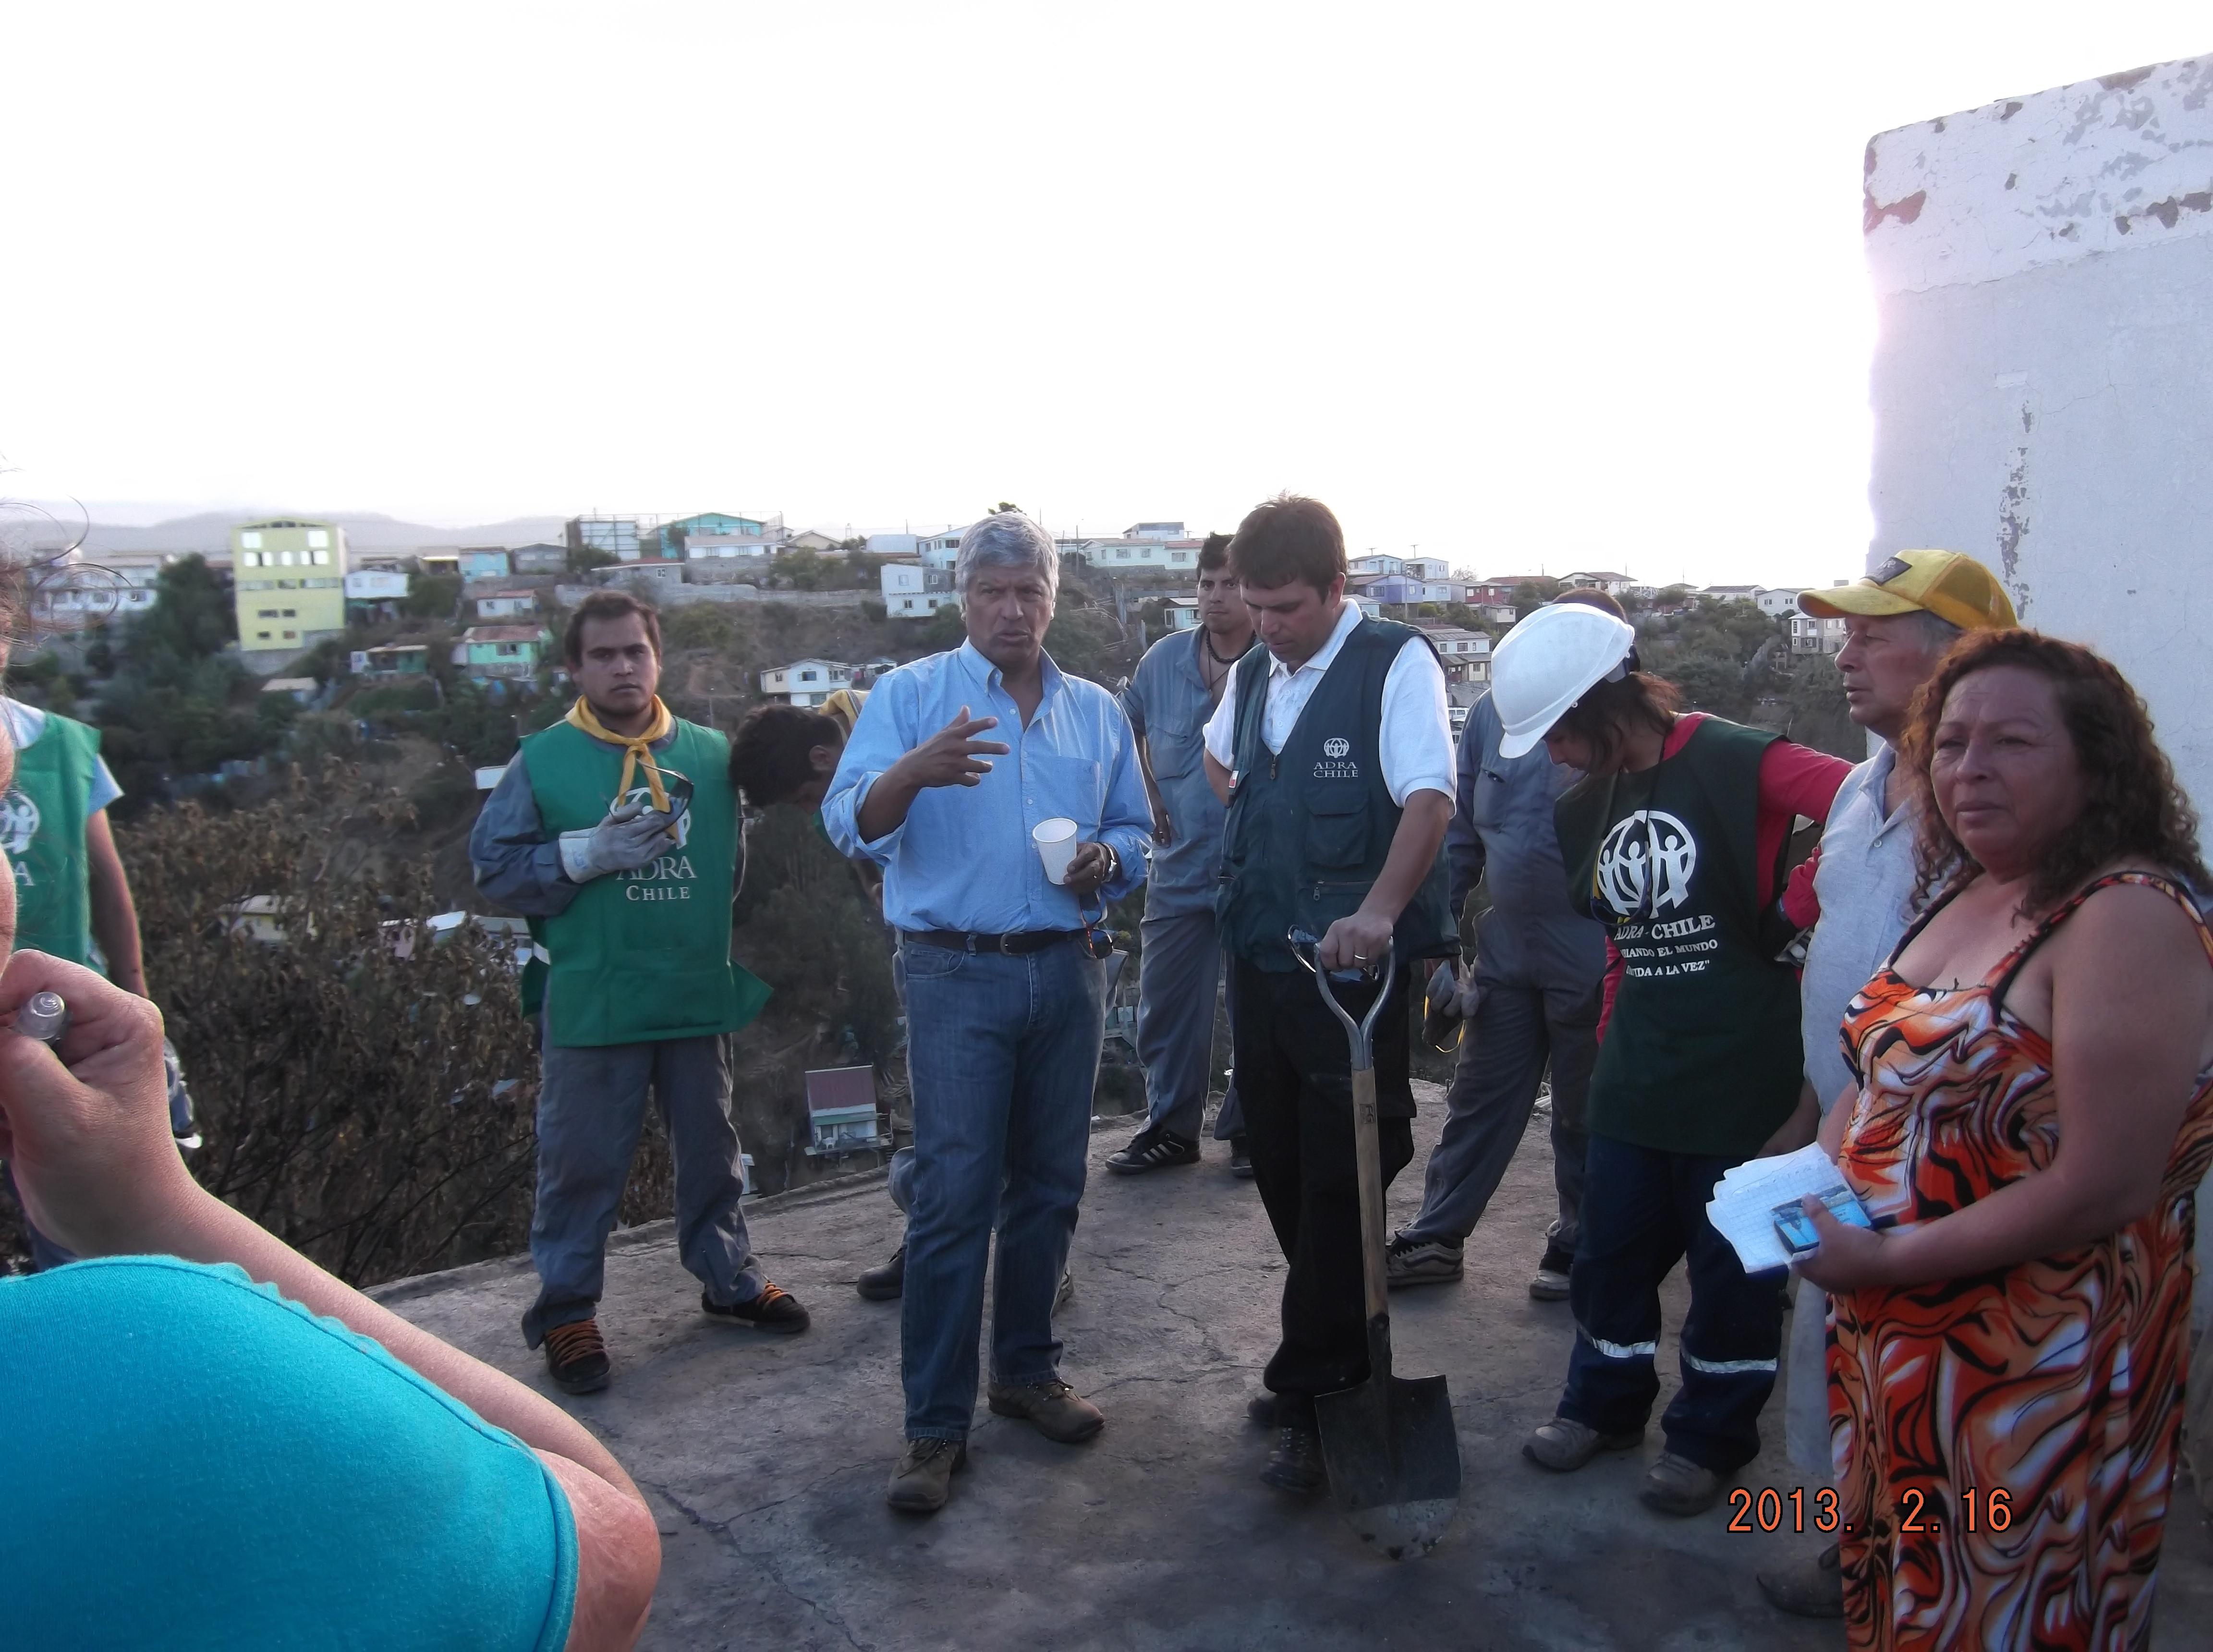 Voluntarios de ADRA Chile, coordinando la ayuda a la zonas afectadas